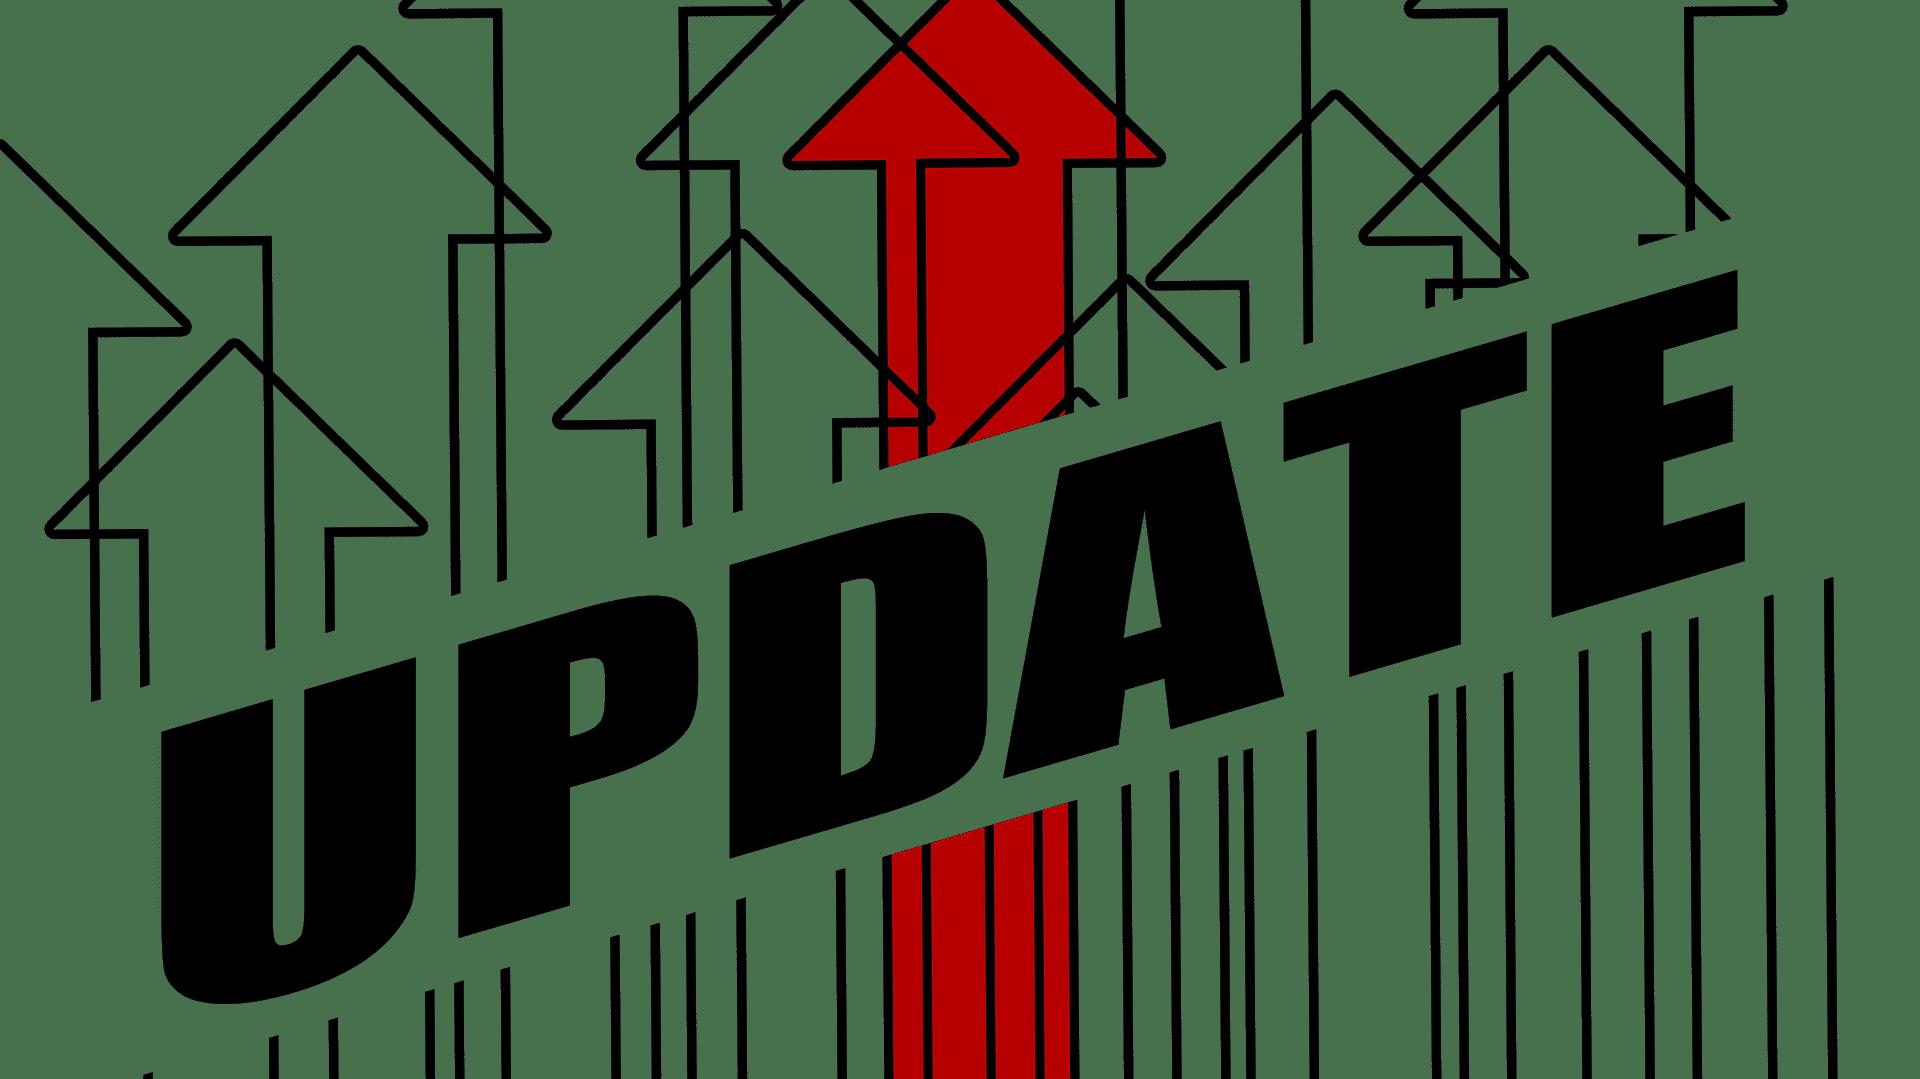 Patchday: SAP stopft kritische Lücken im Software-Portfolio